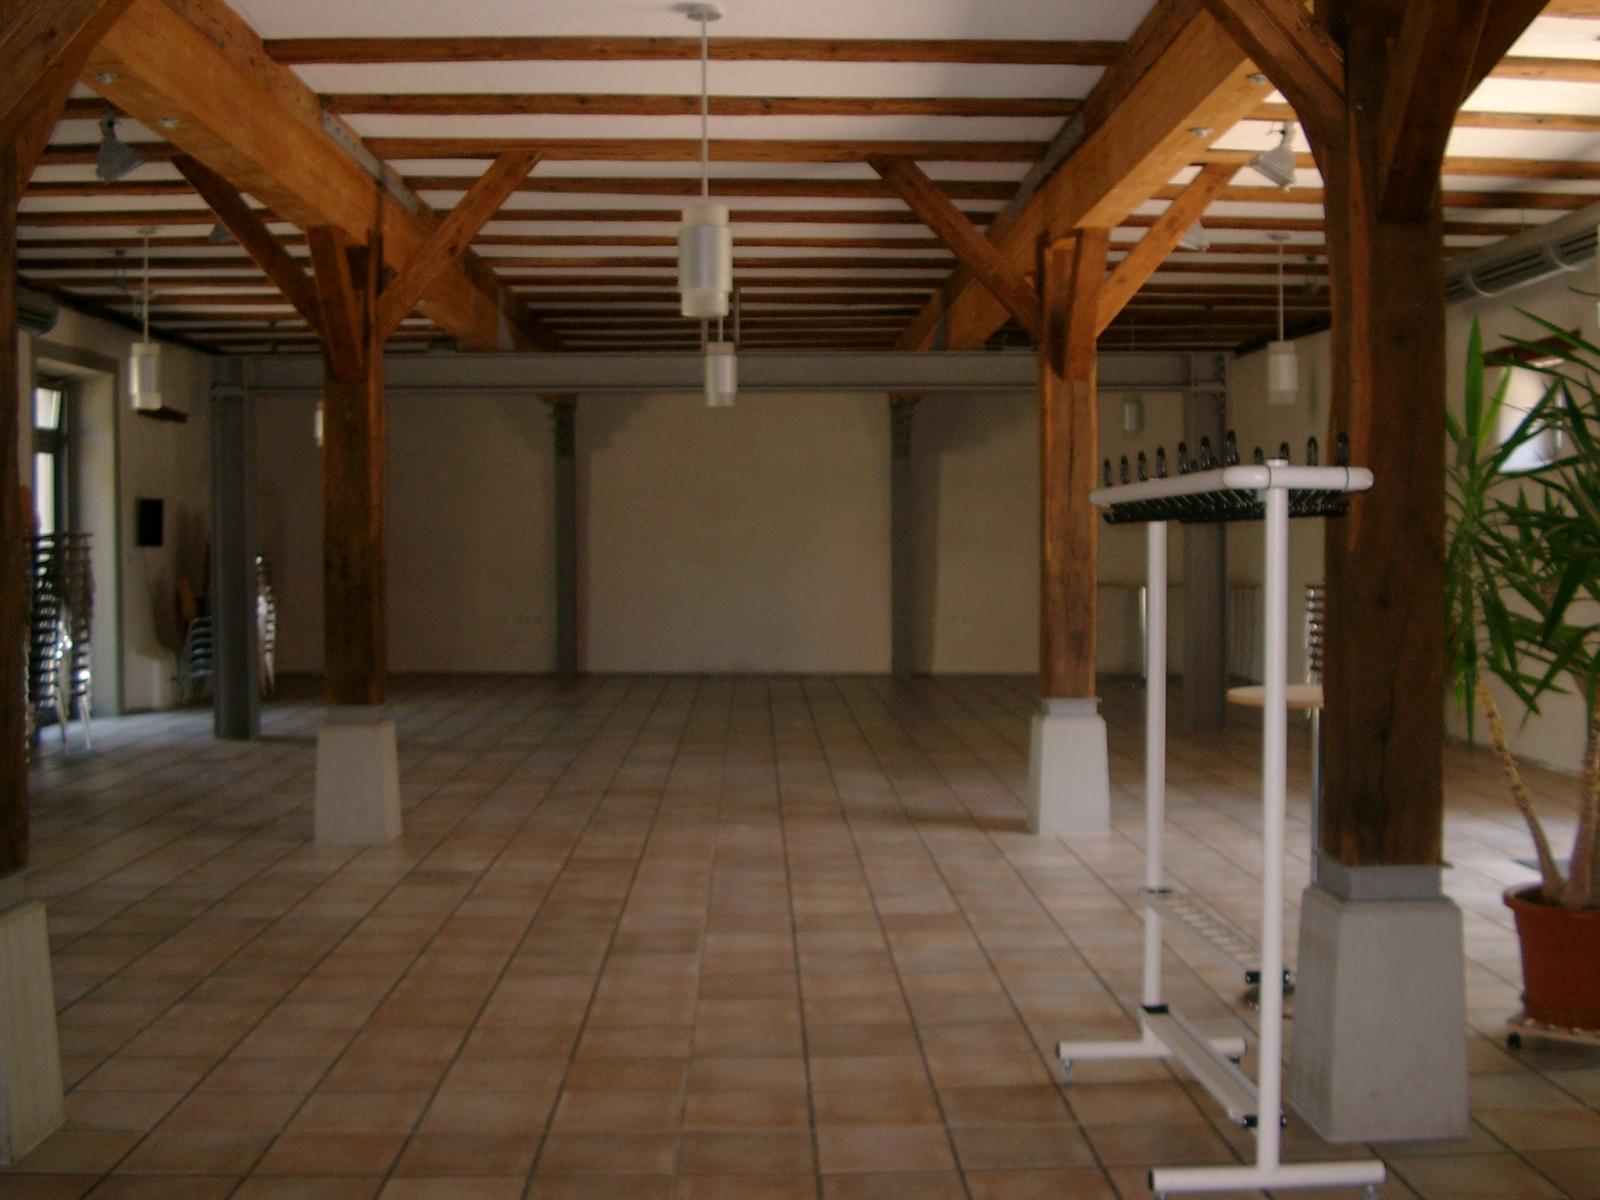 Bürgerhaus Hirrlingen großer Saal im Erdgeschoss